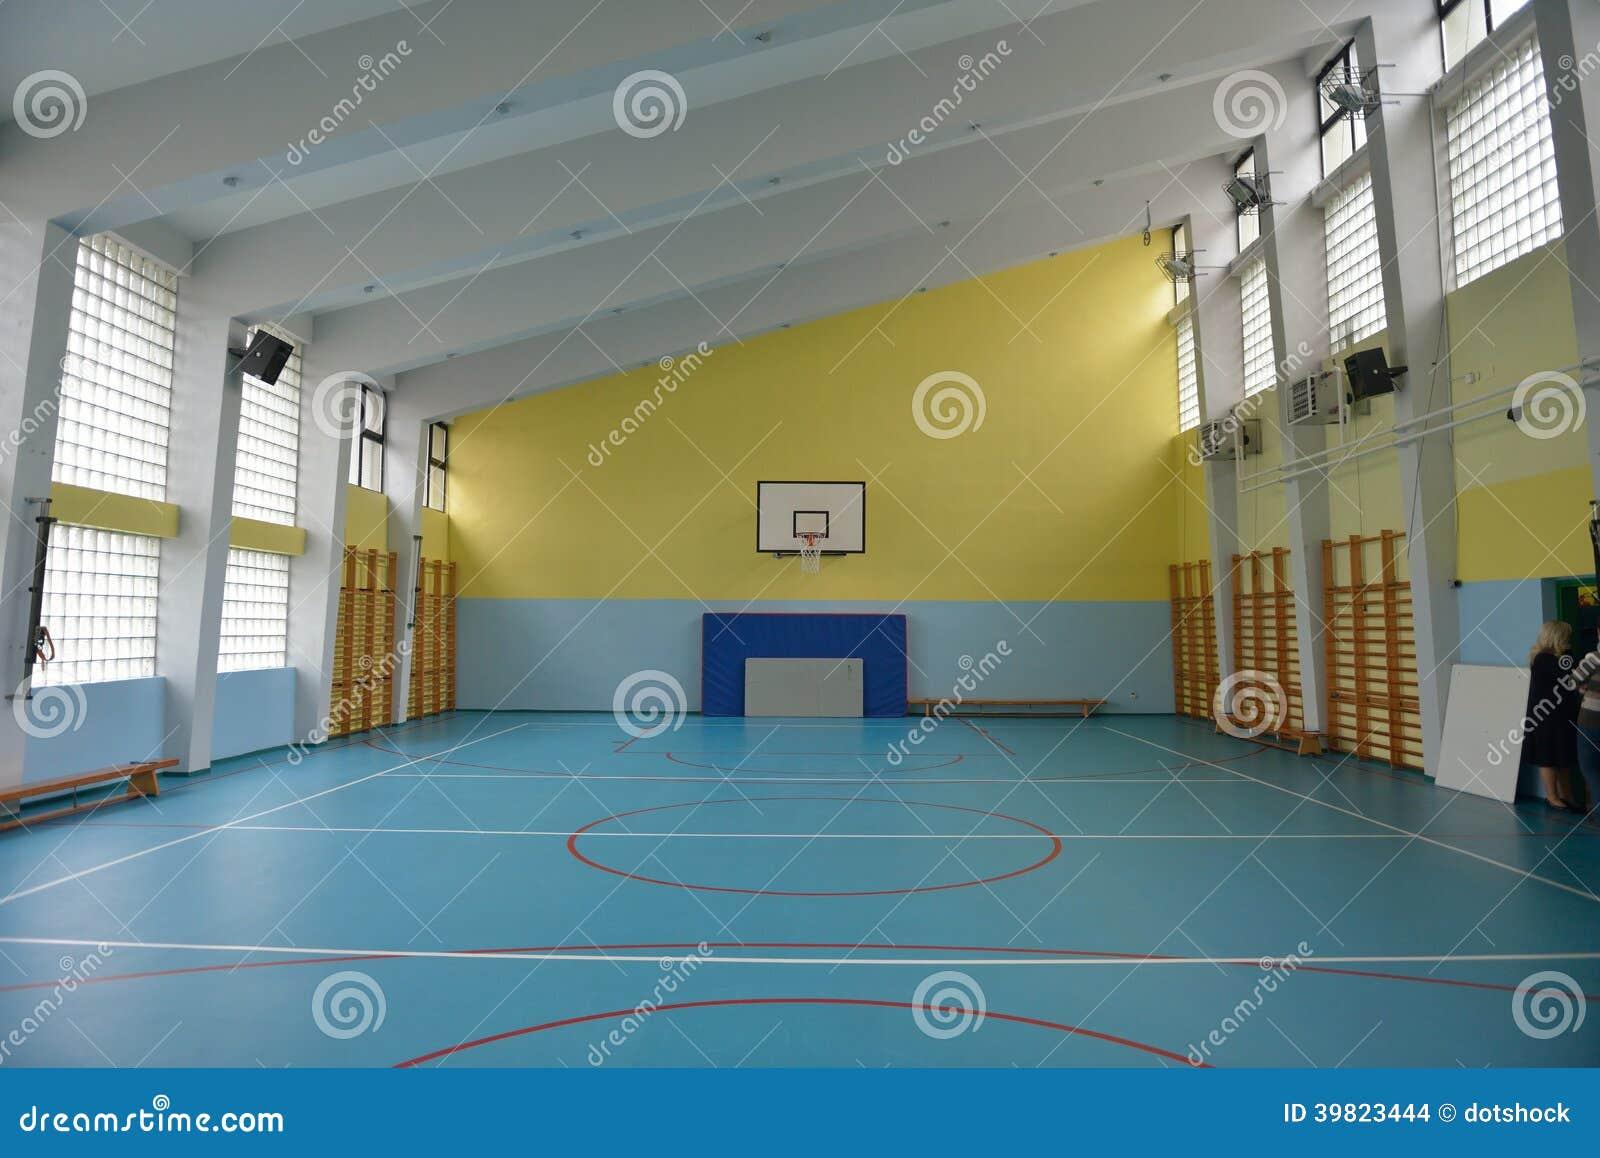 School Gym Indoor Stock Photo - Image: 39823444